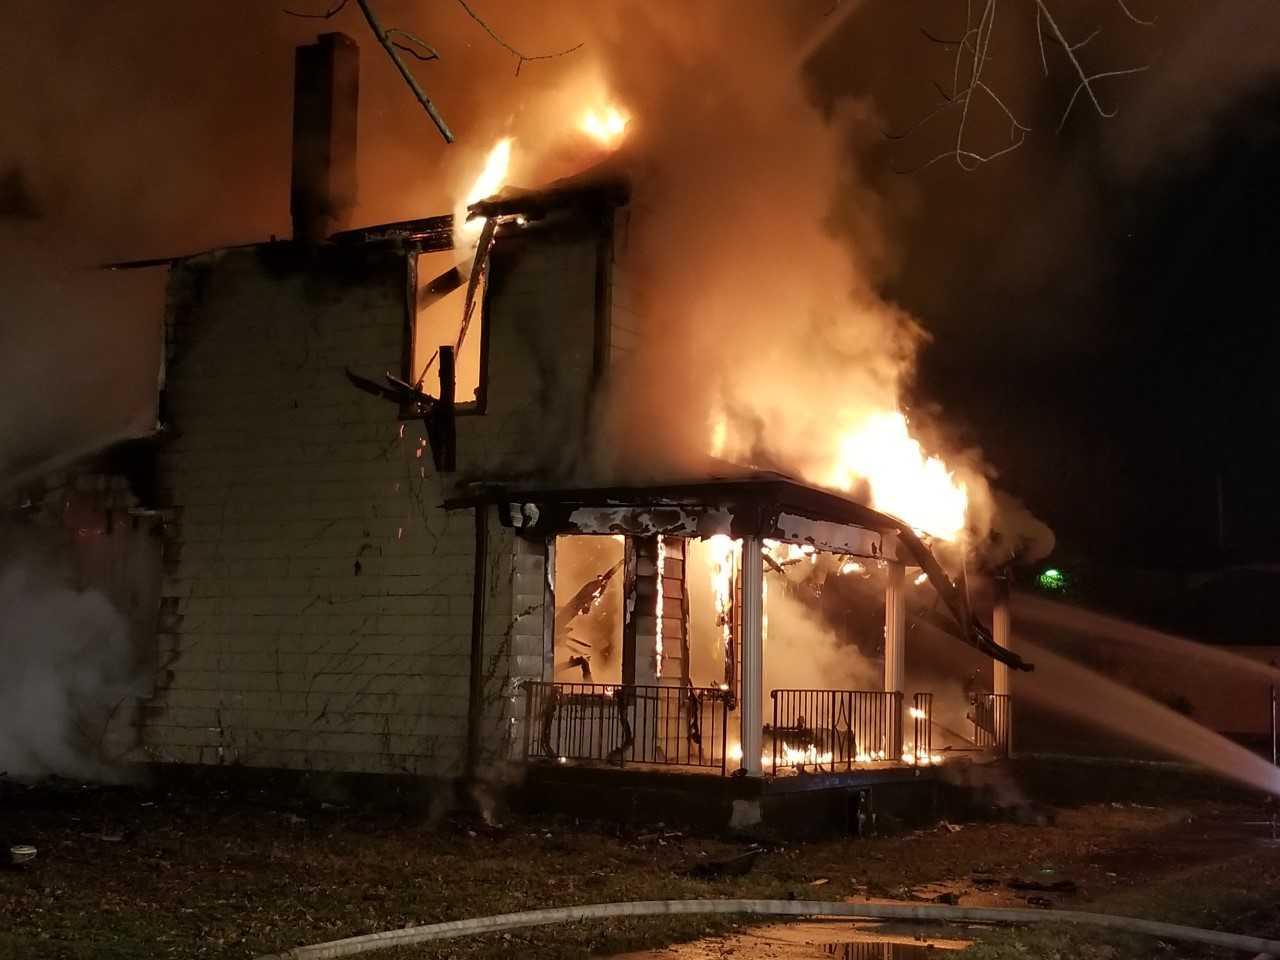 W. First St. Fire 2_282803